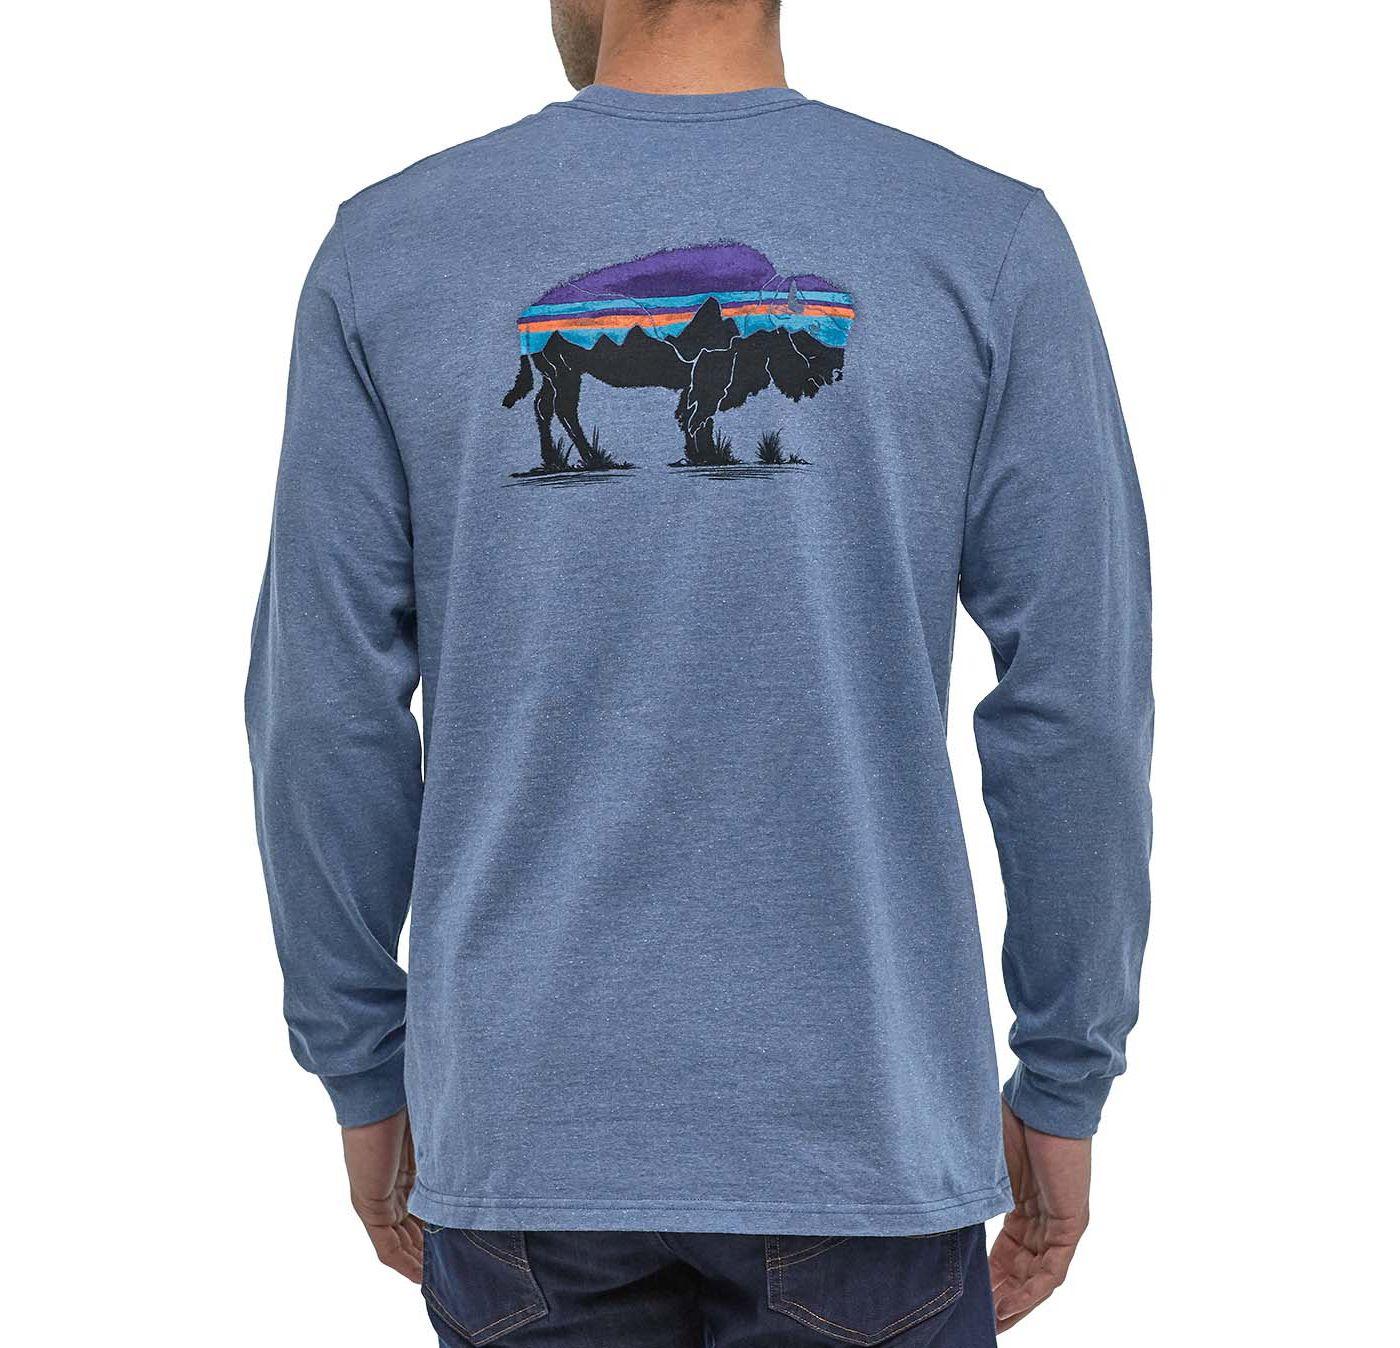 Patagonia Men's Fitz Roy Bison Responsibili-Tee Long Sleeve Shirt